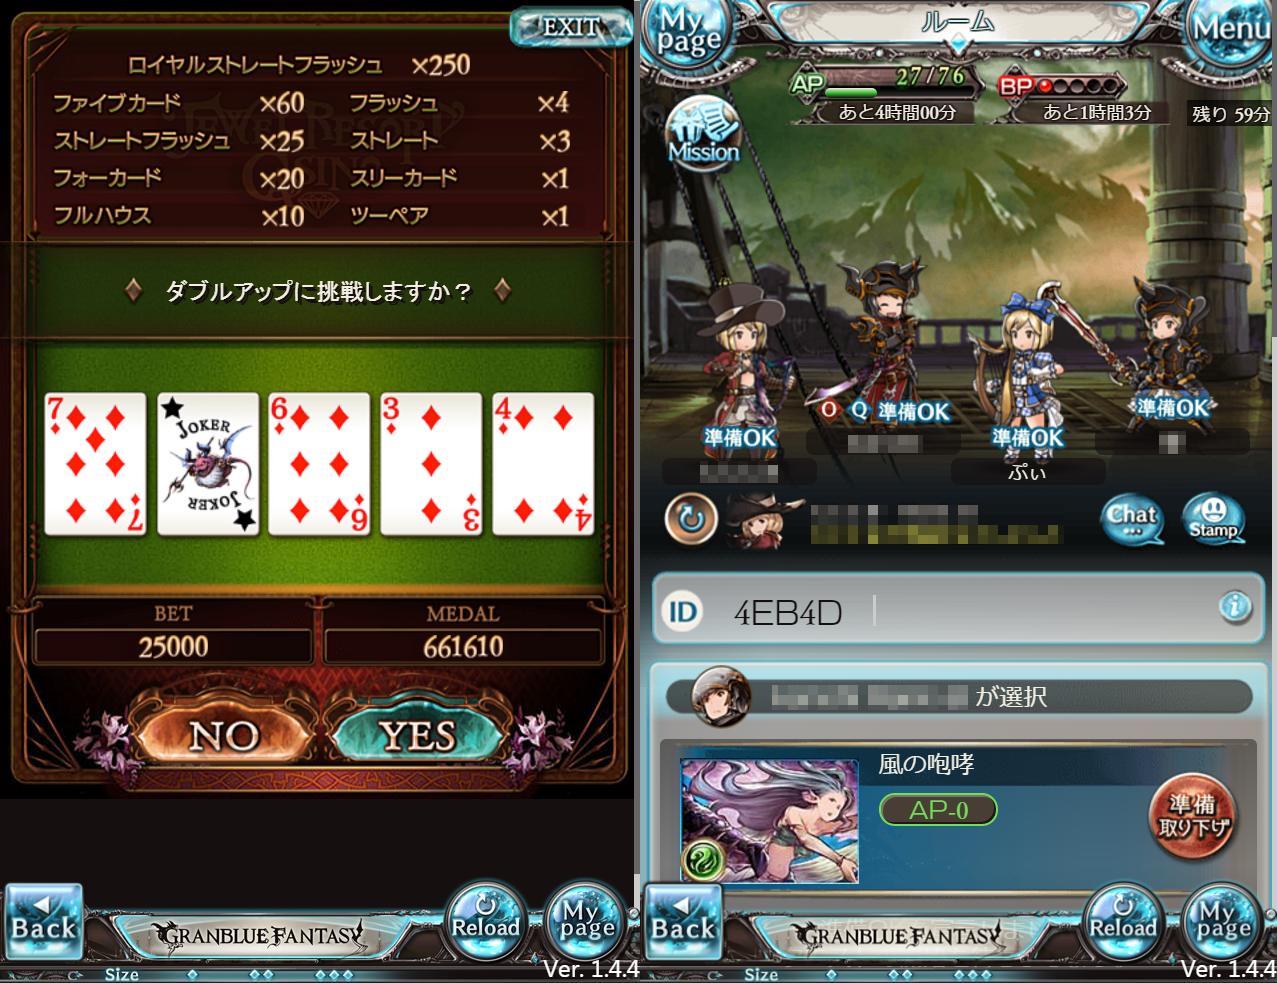 ポーカー、共闘